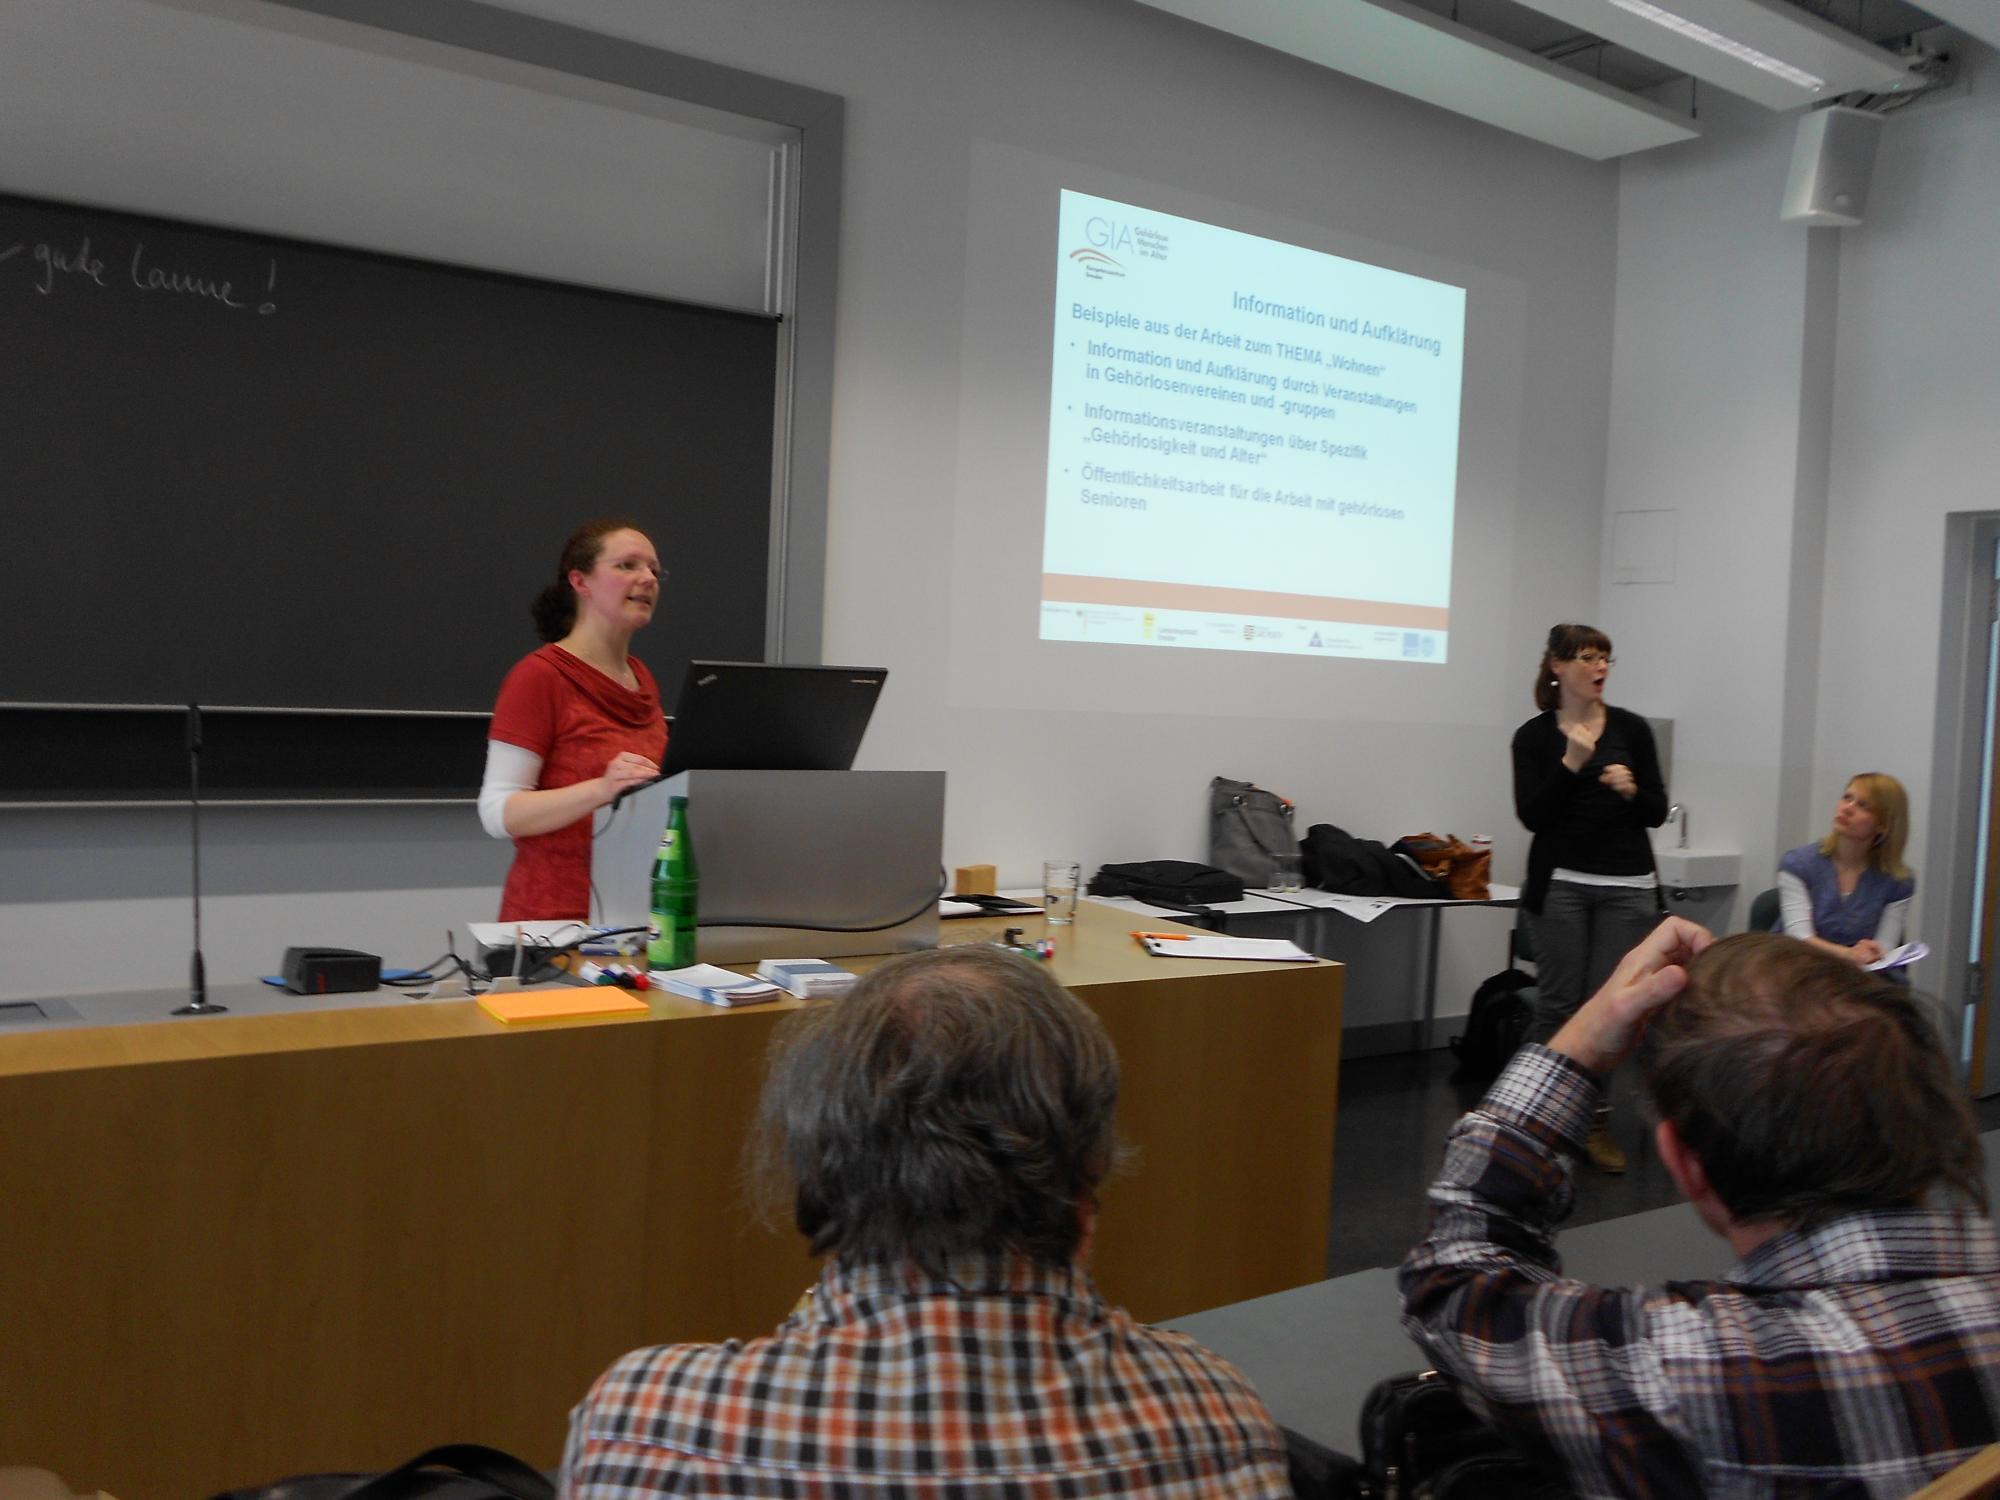 Vorstellung des GIA Kompetenzzentrums Dresden durch Frau Gorn